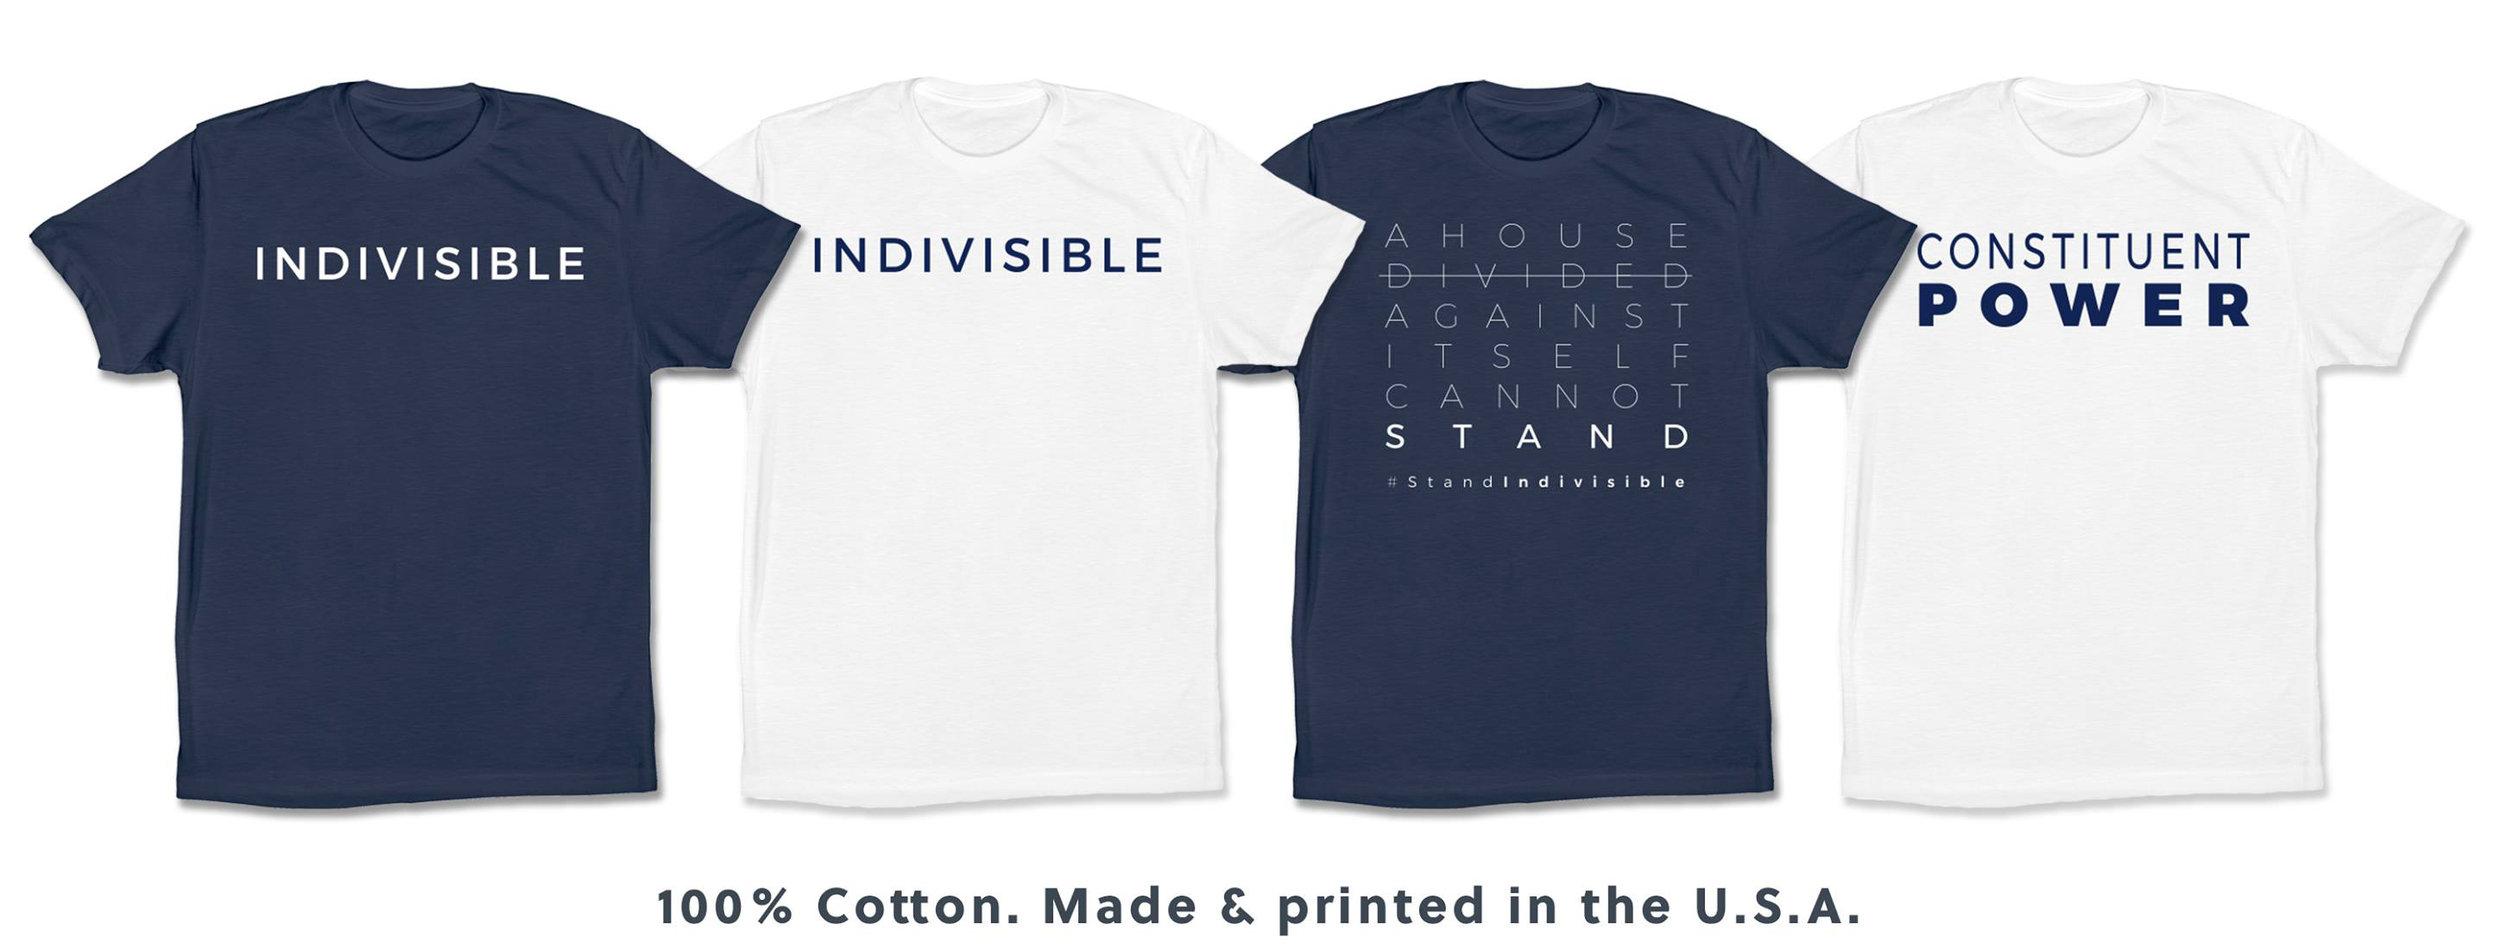 Indivisible T-Shirts